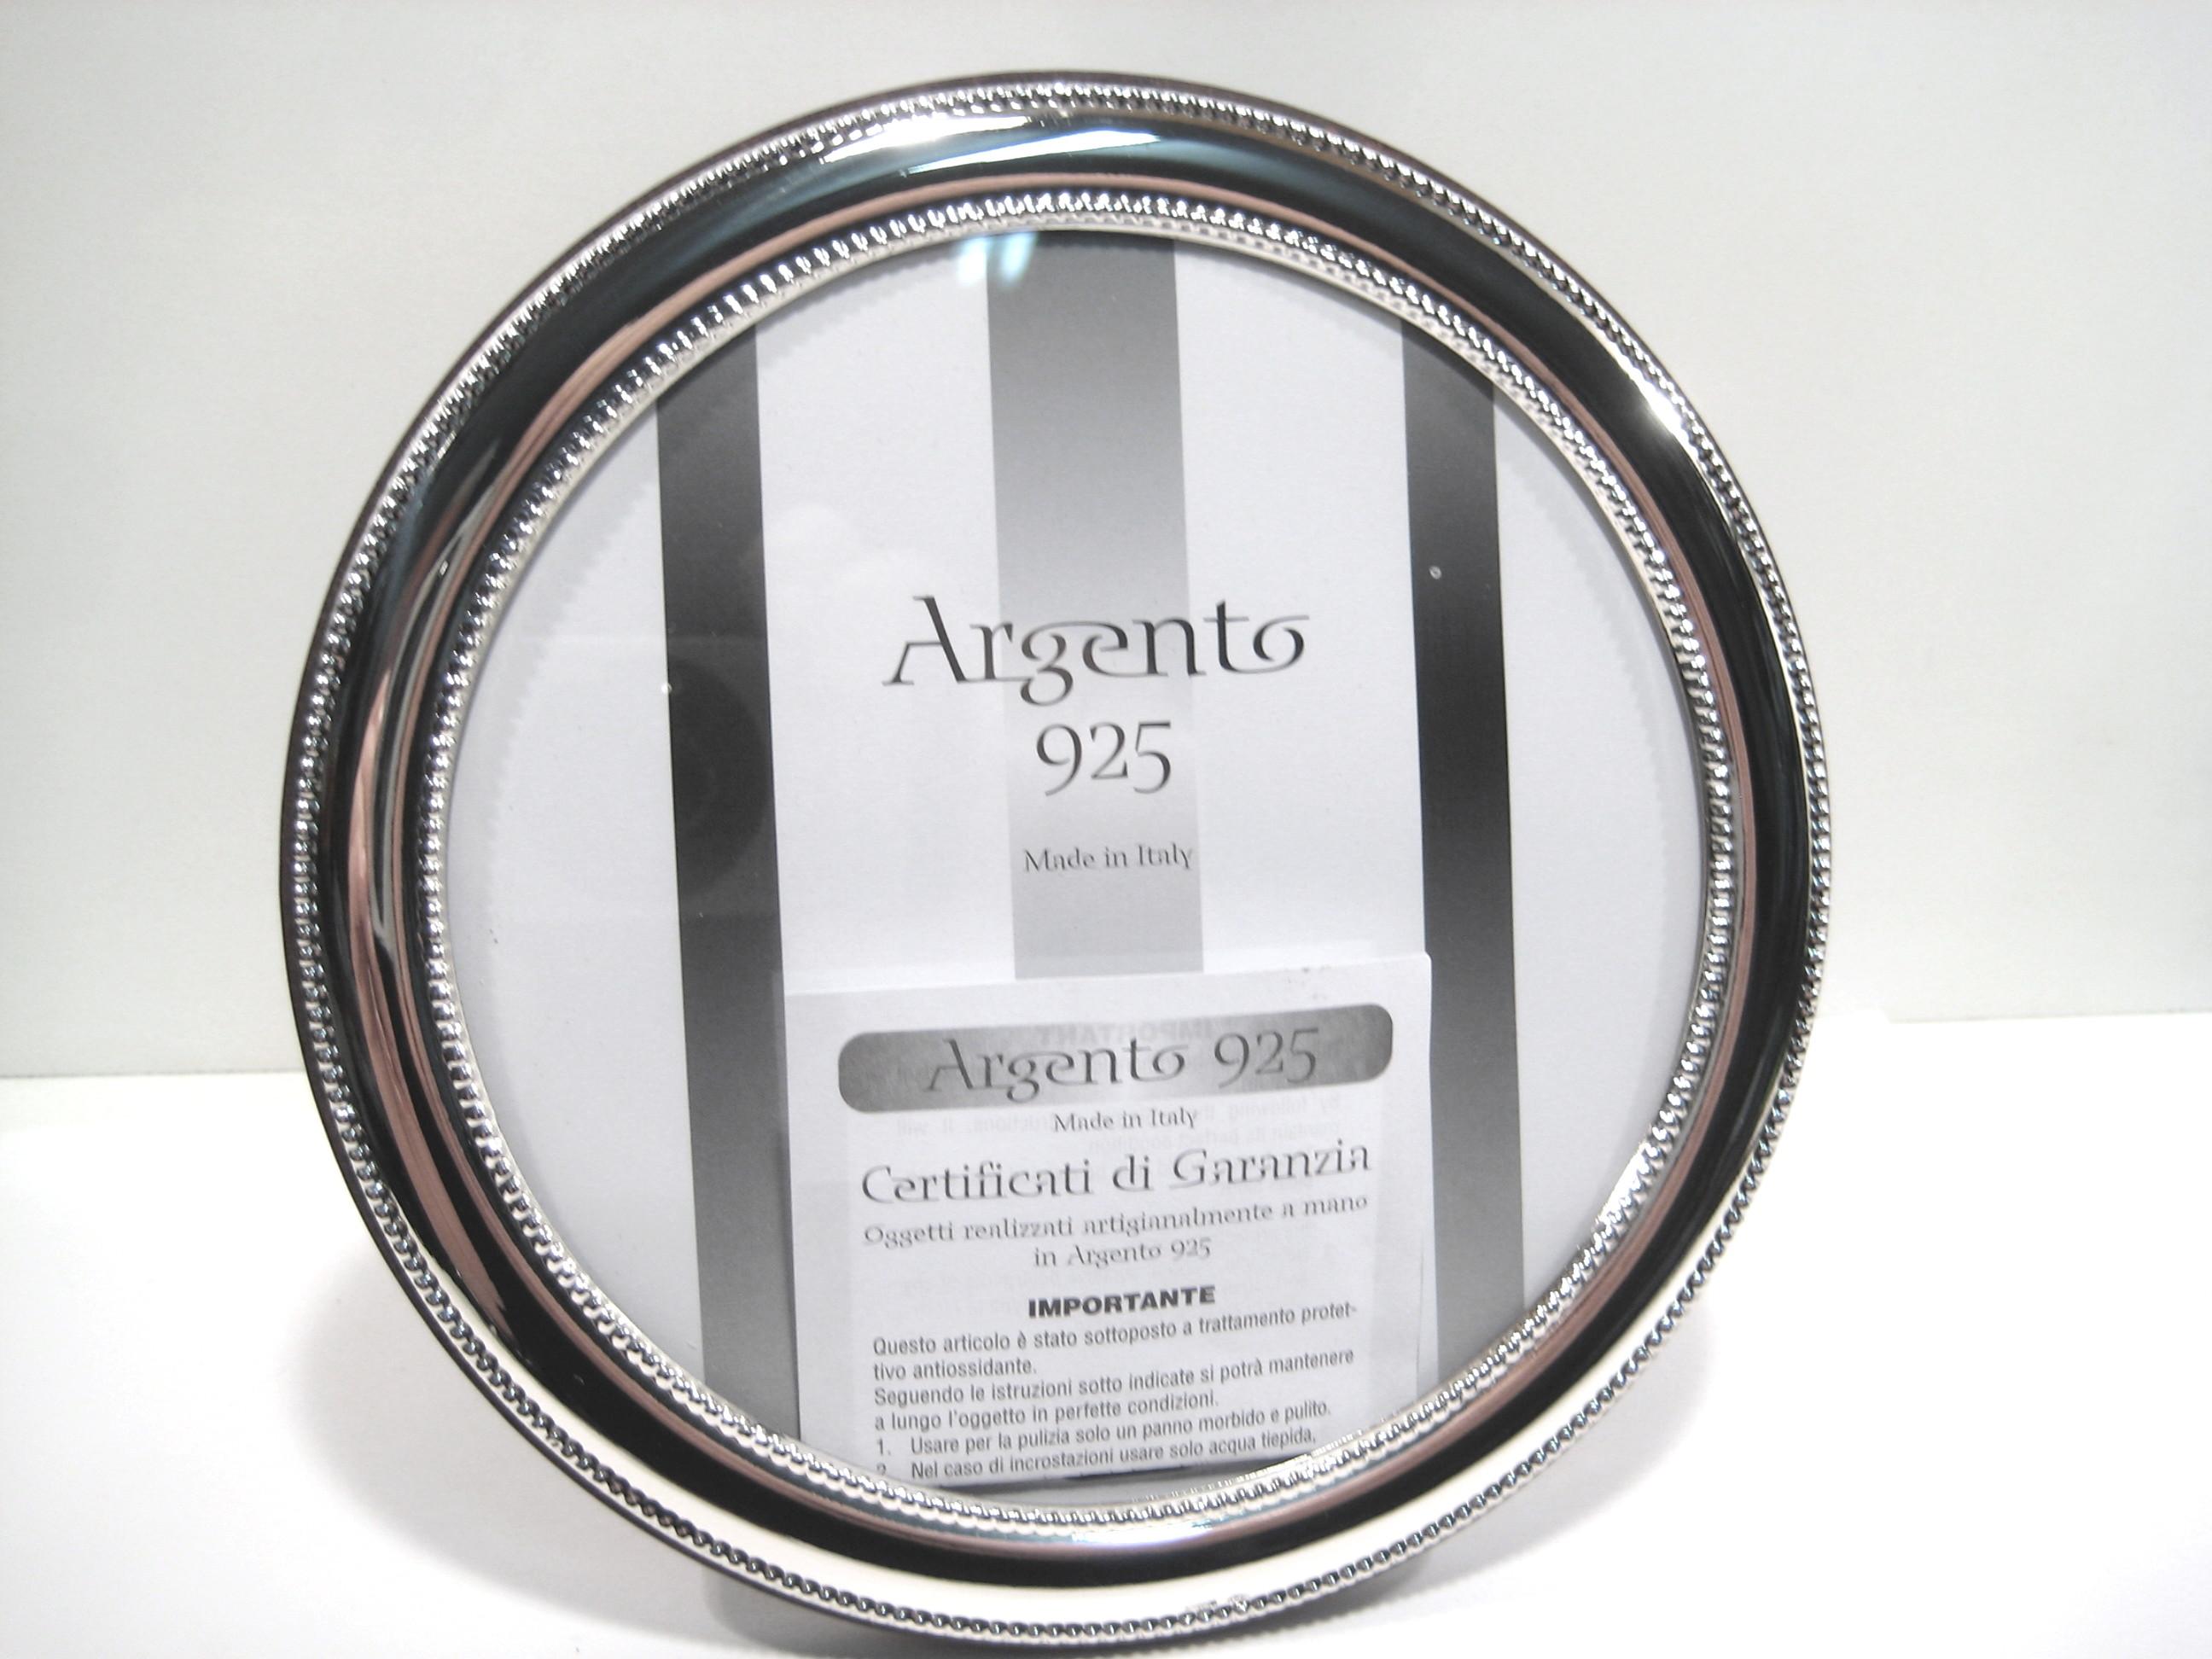 Silverware - cornici in argento 925